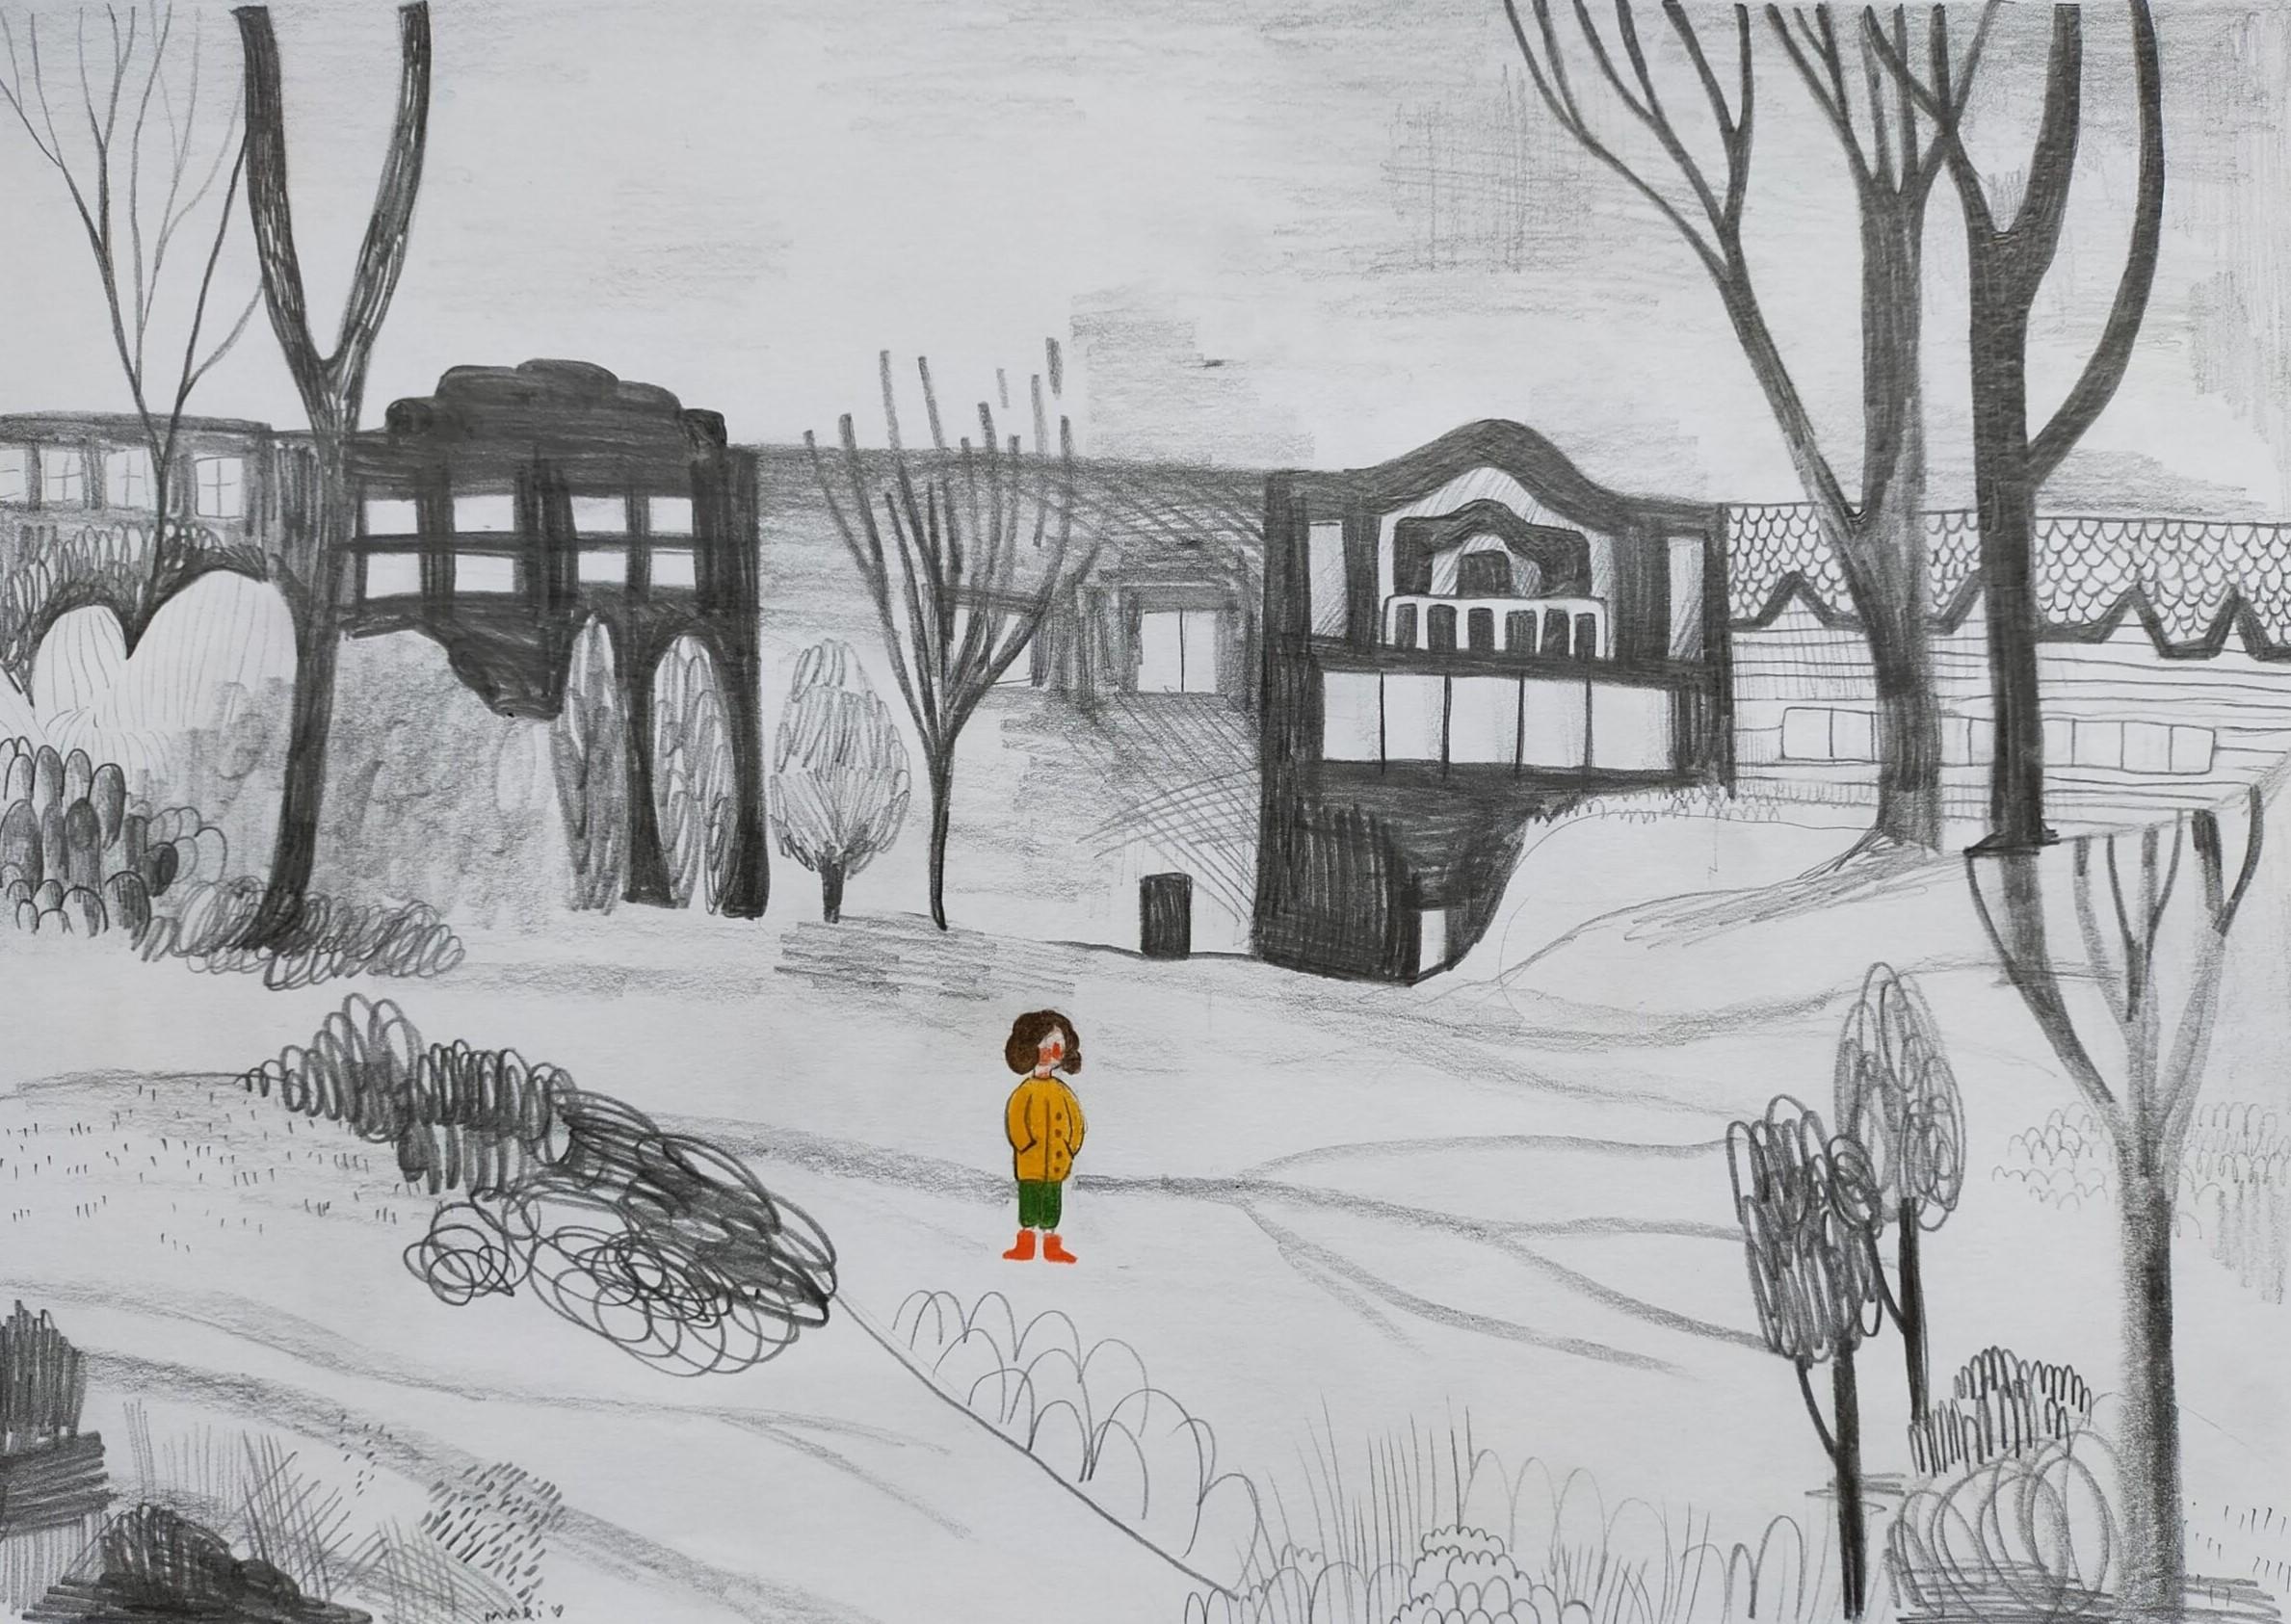 8b. Maria Nikoleishvili, 13 lat, Park jesienią, Szkoła Podstawowa nr 373